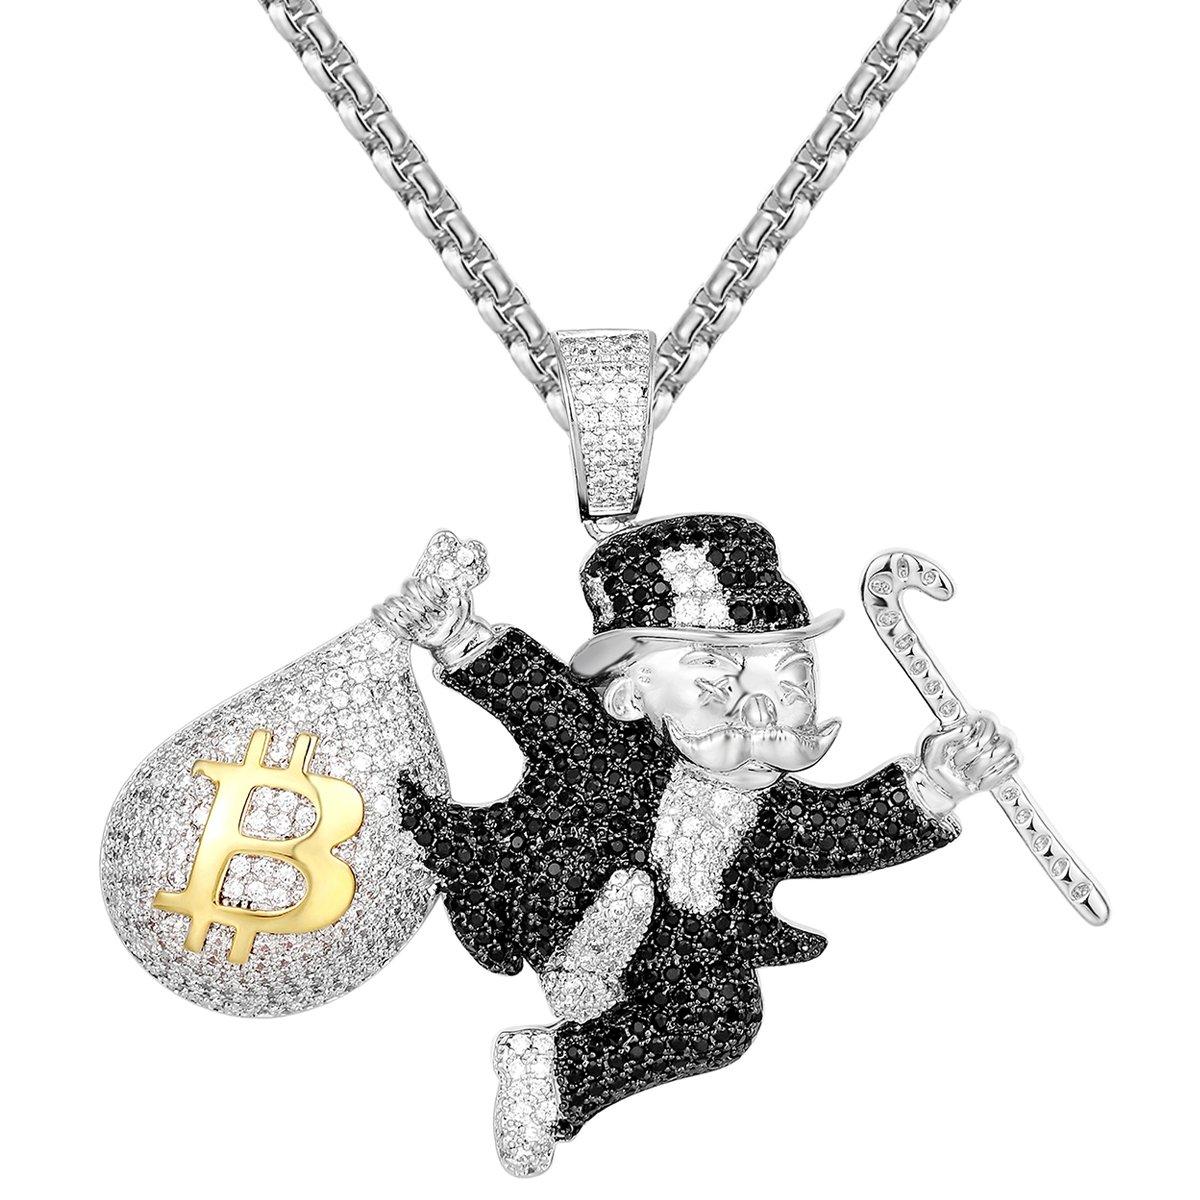 JuwlCity Black &White Monopoly Man Bitcoin Money Bag Pendant Free Box Chain